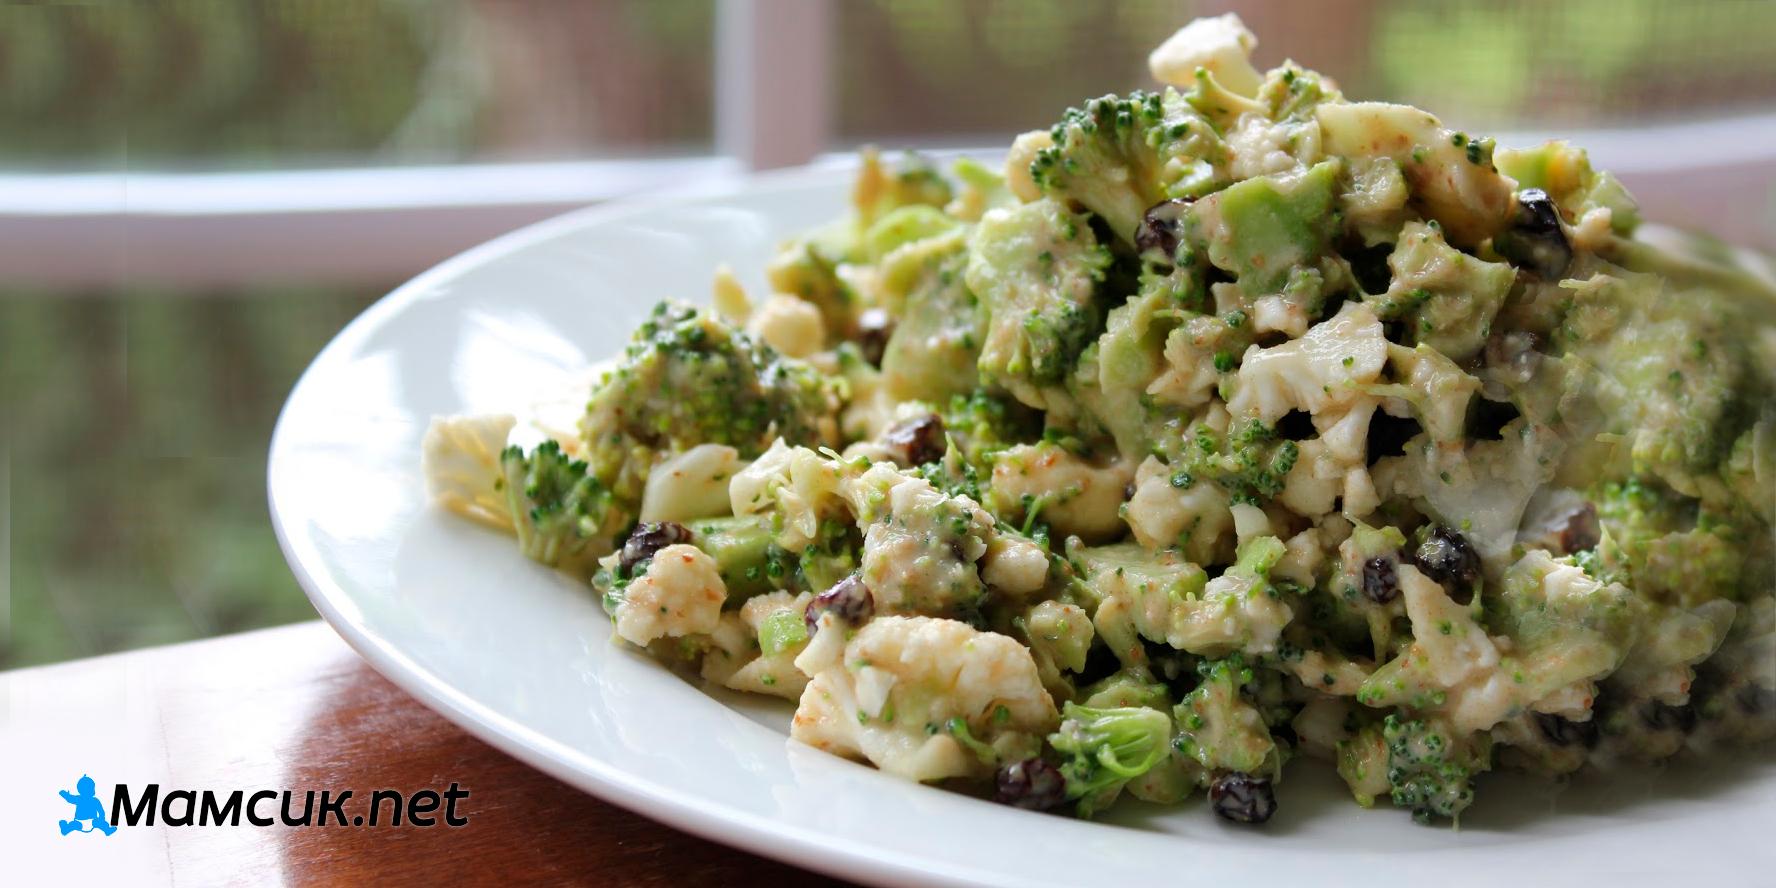 Пошаговый рецепт салата с брокколи в период ГВ